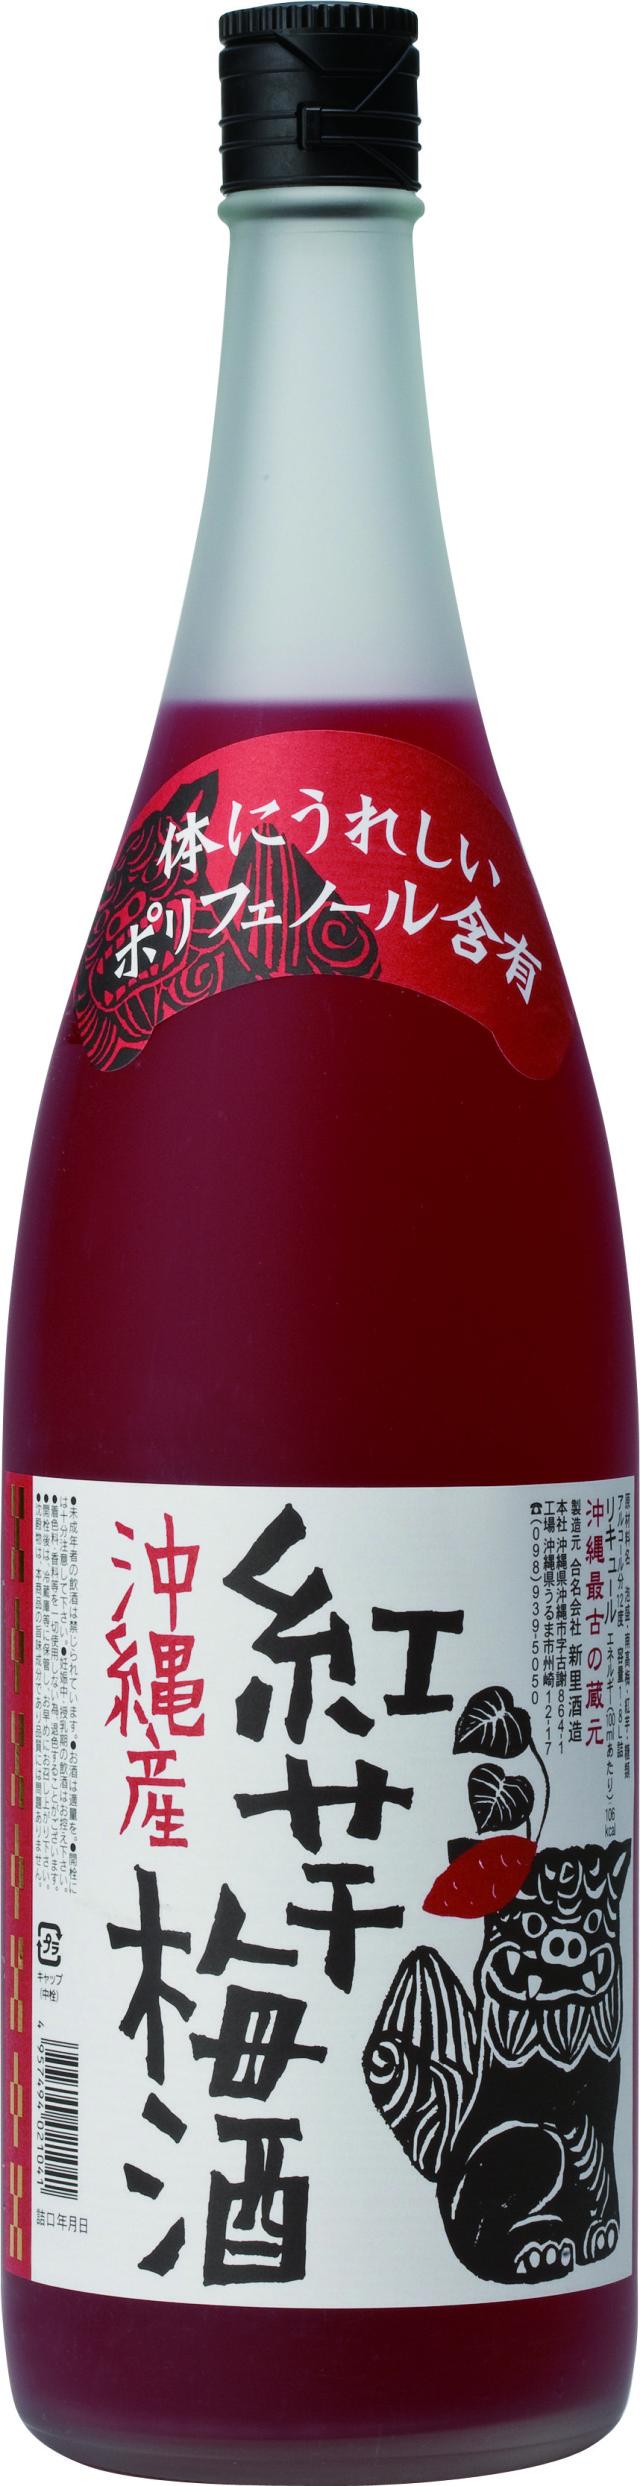 新里酒造 紅芋梅酒 12度 1800ml